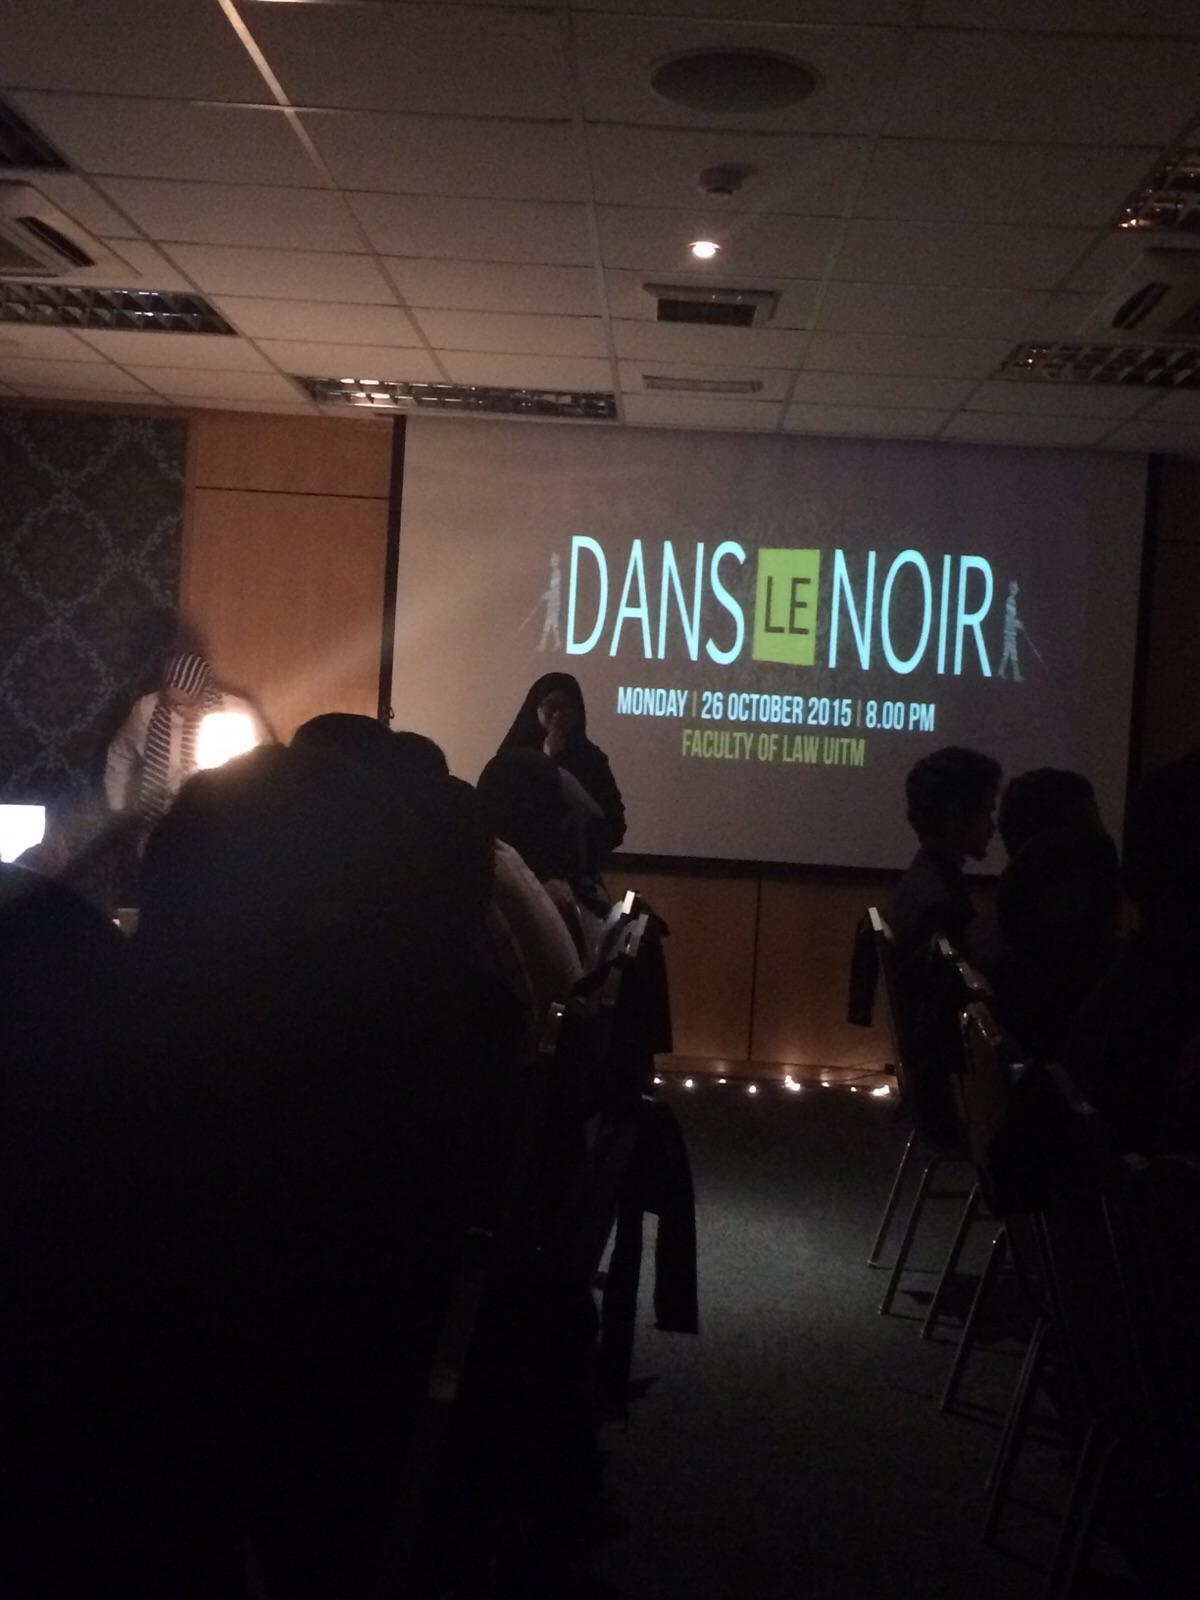 dans le noir with its backdrop